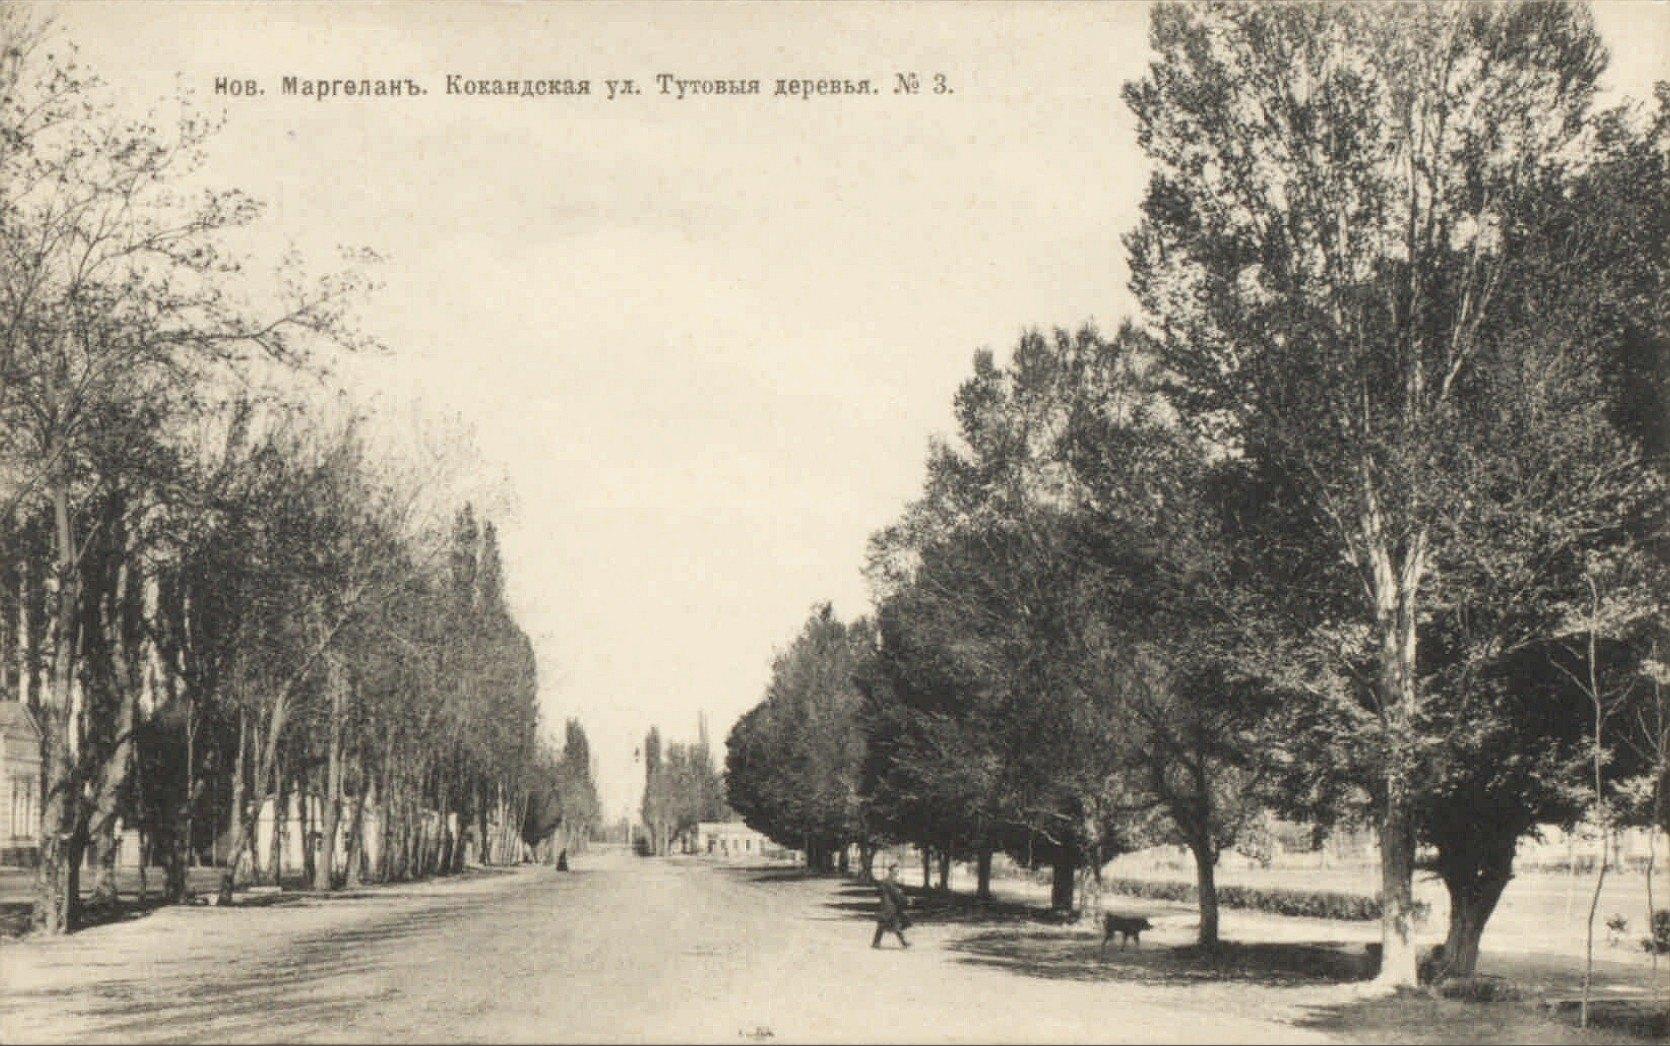 Новый Маргелан. Кокандская улица. Тутовые деревья